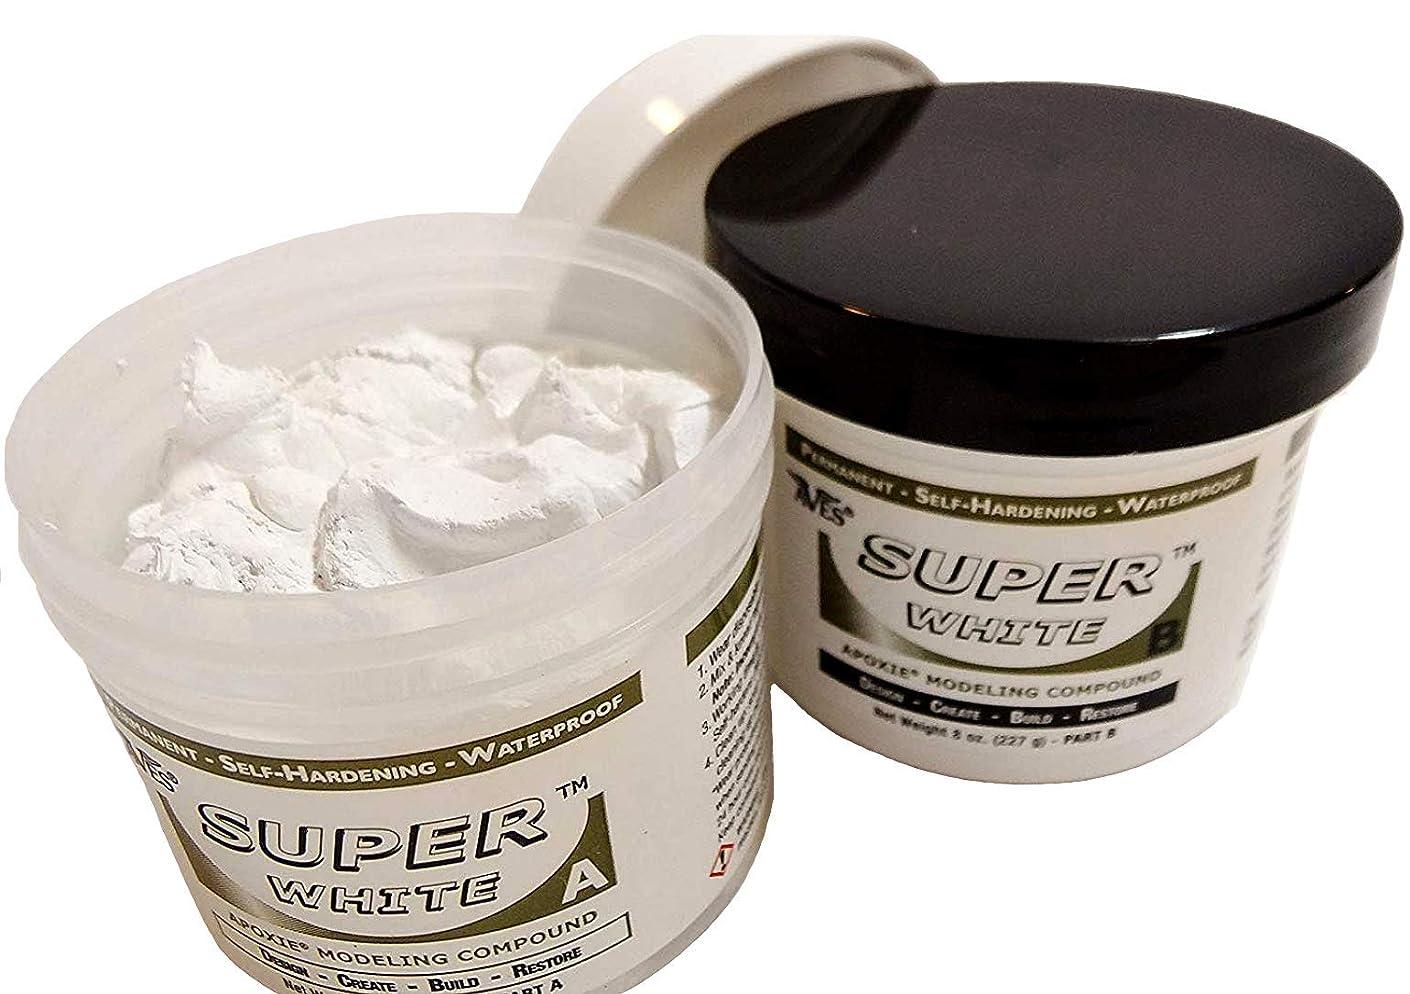 Apoxie Sculpt 1 lb. Super White, 2 Part Modeling Compound (A & B)